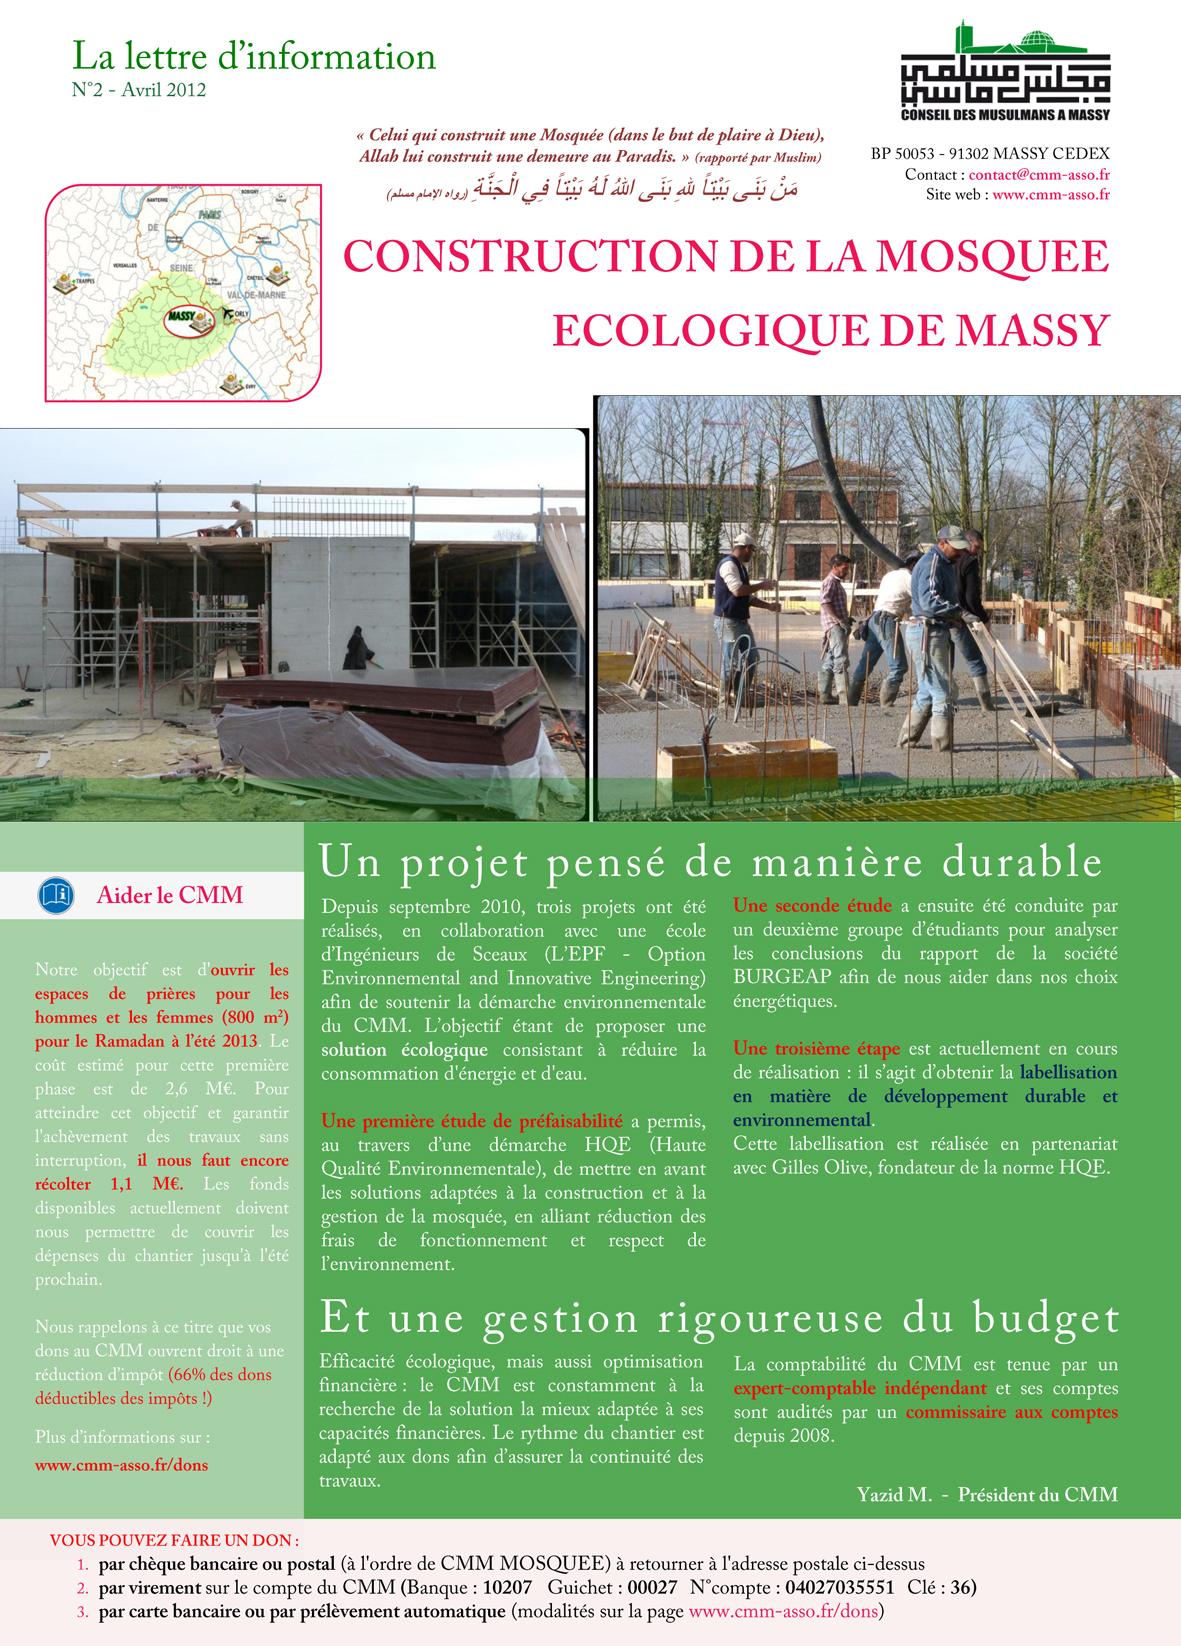 Lettre d'information n°2 sur la construction de la mosquée - page 1